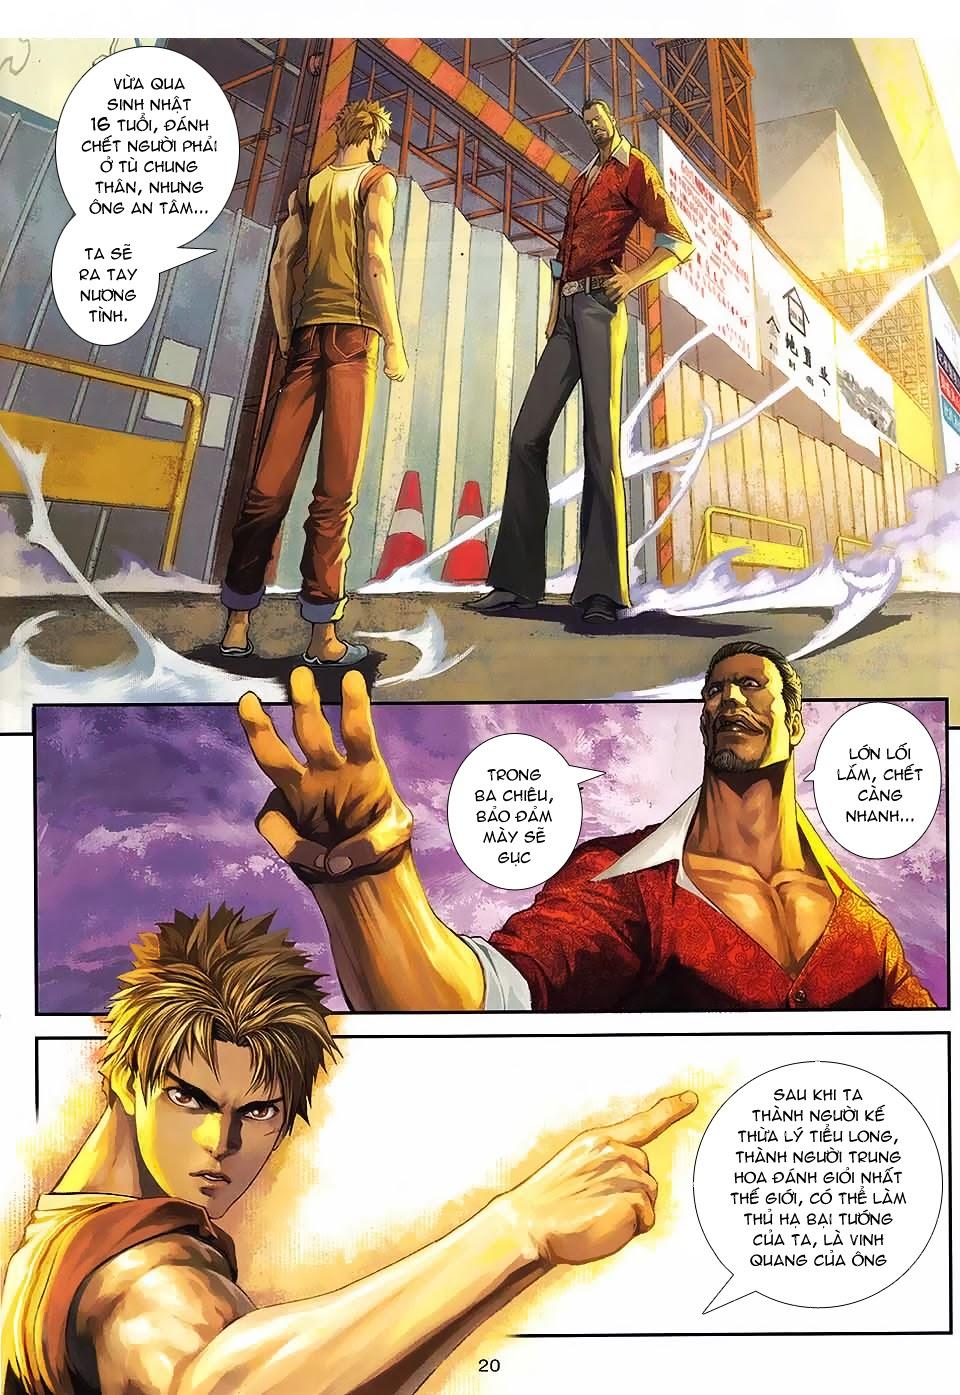 Quyền Đạo chapter 1 trang 19